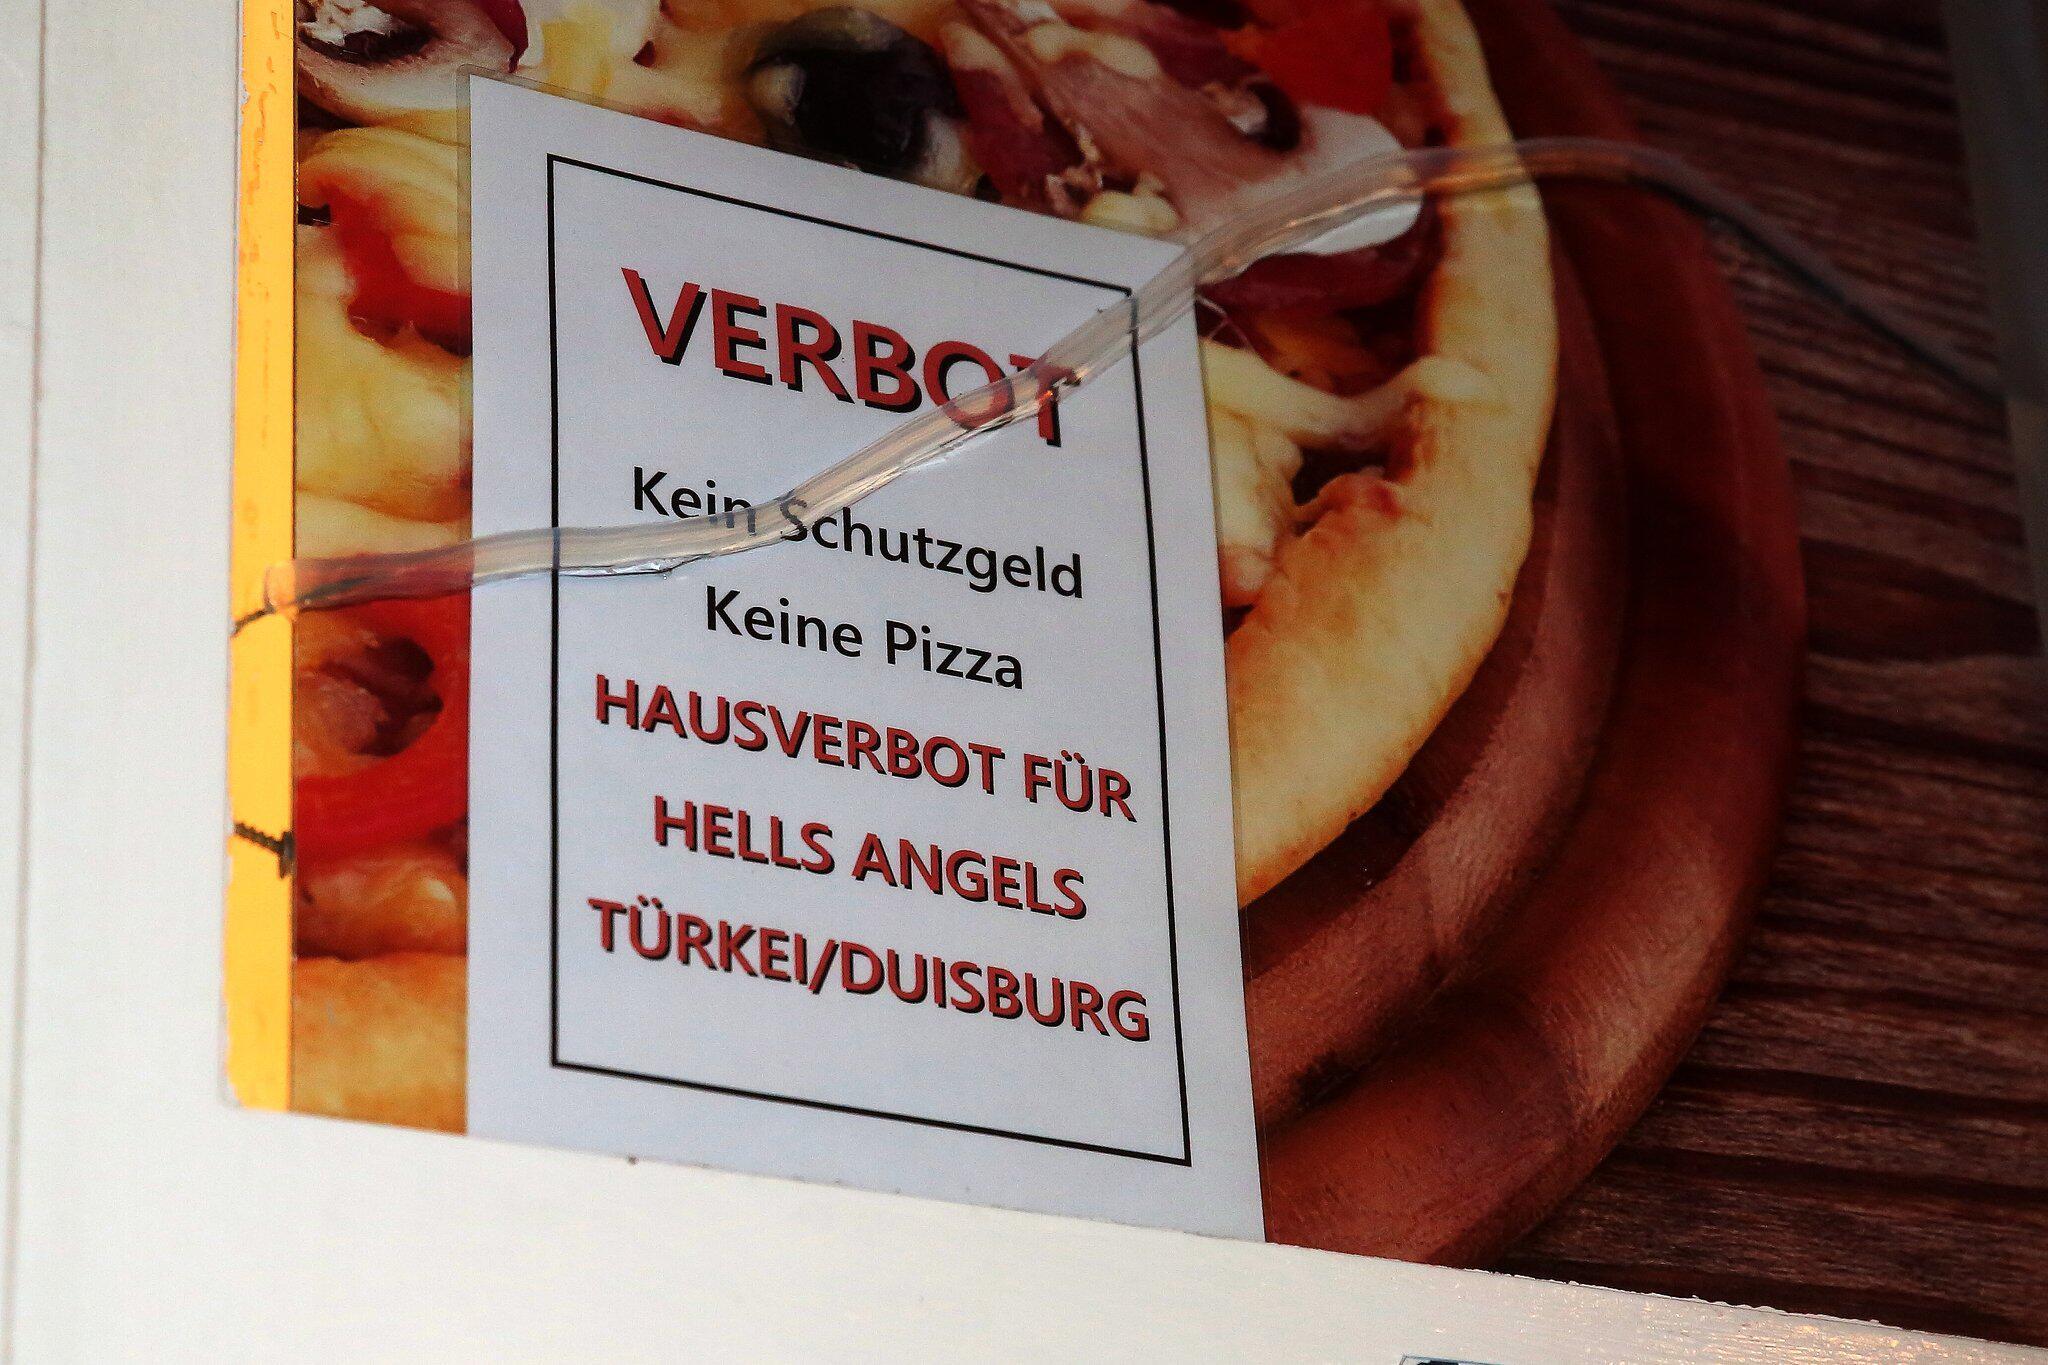 Bild zu Rocker sollen Pizzeria in Düsseldorf attackiert haben